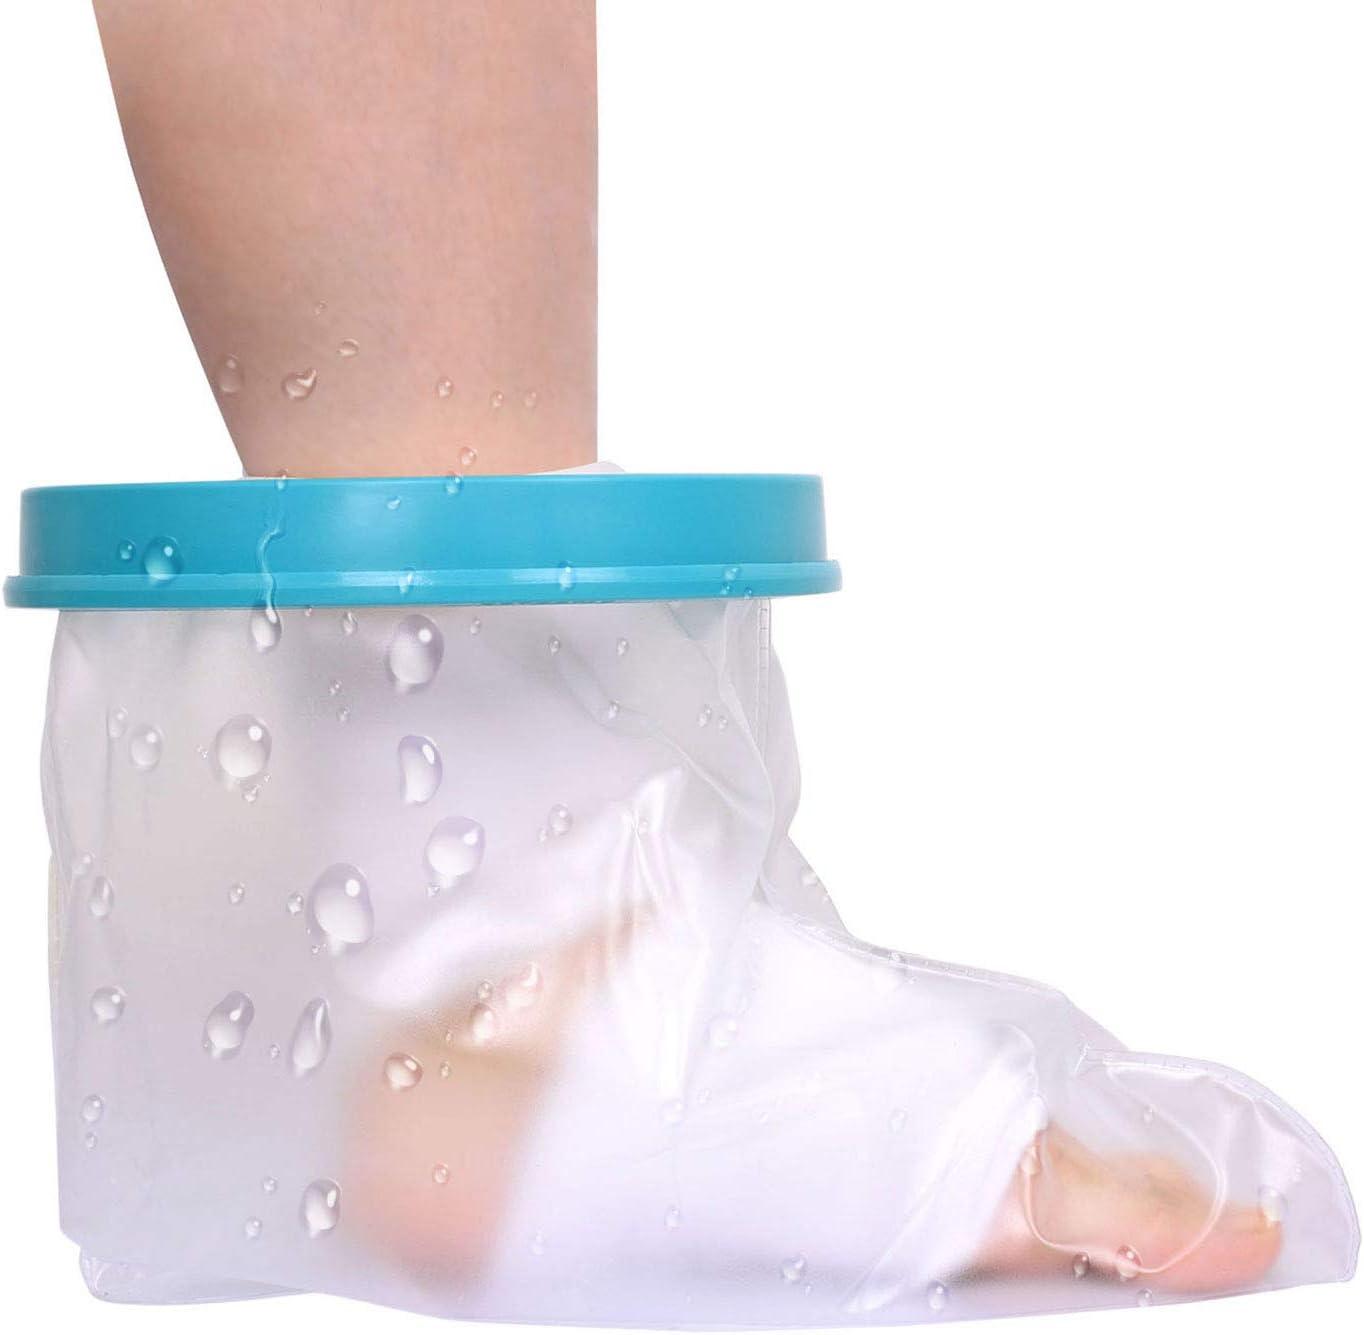 Fuß gipsschiene Rehabilitation bei